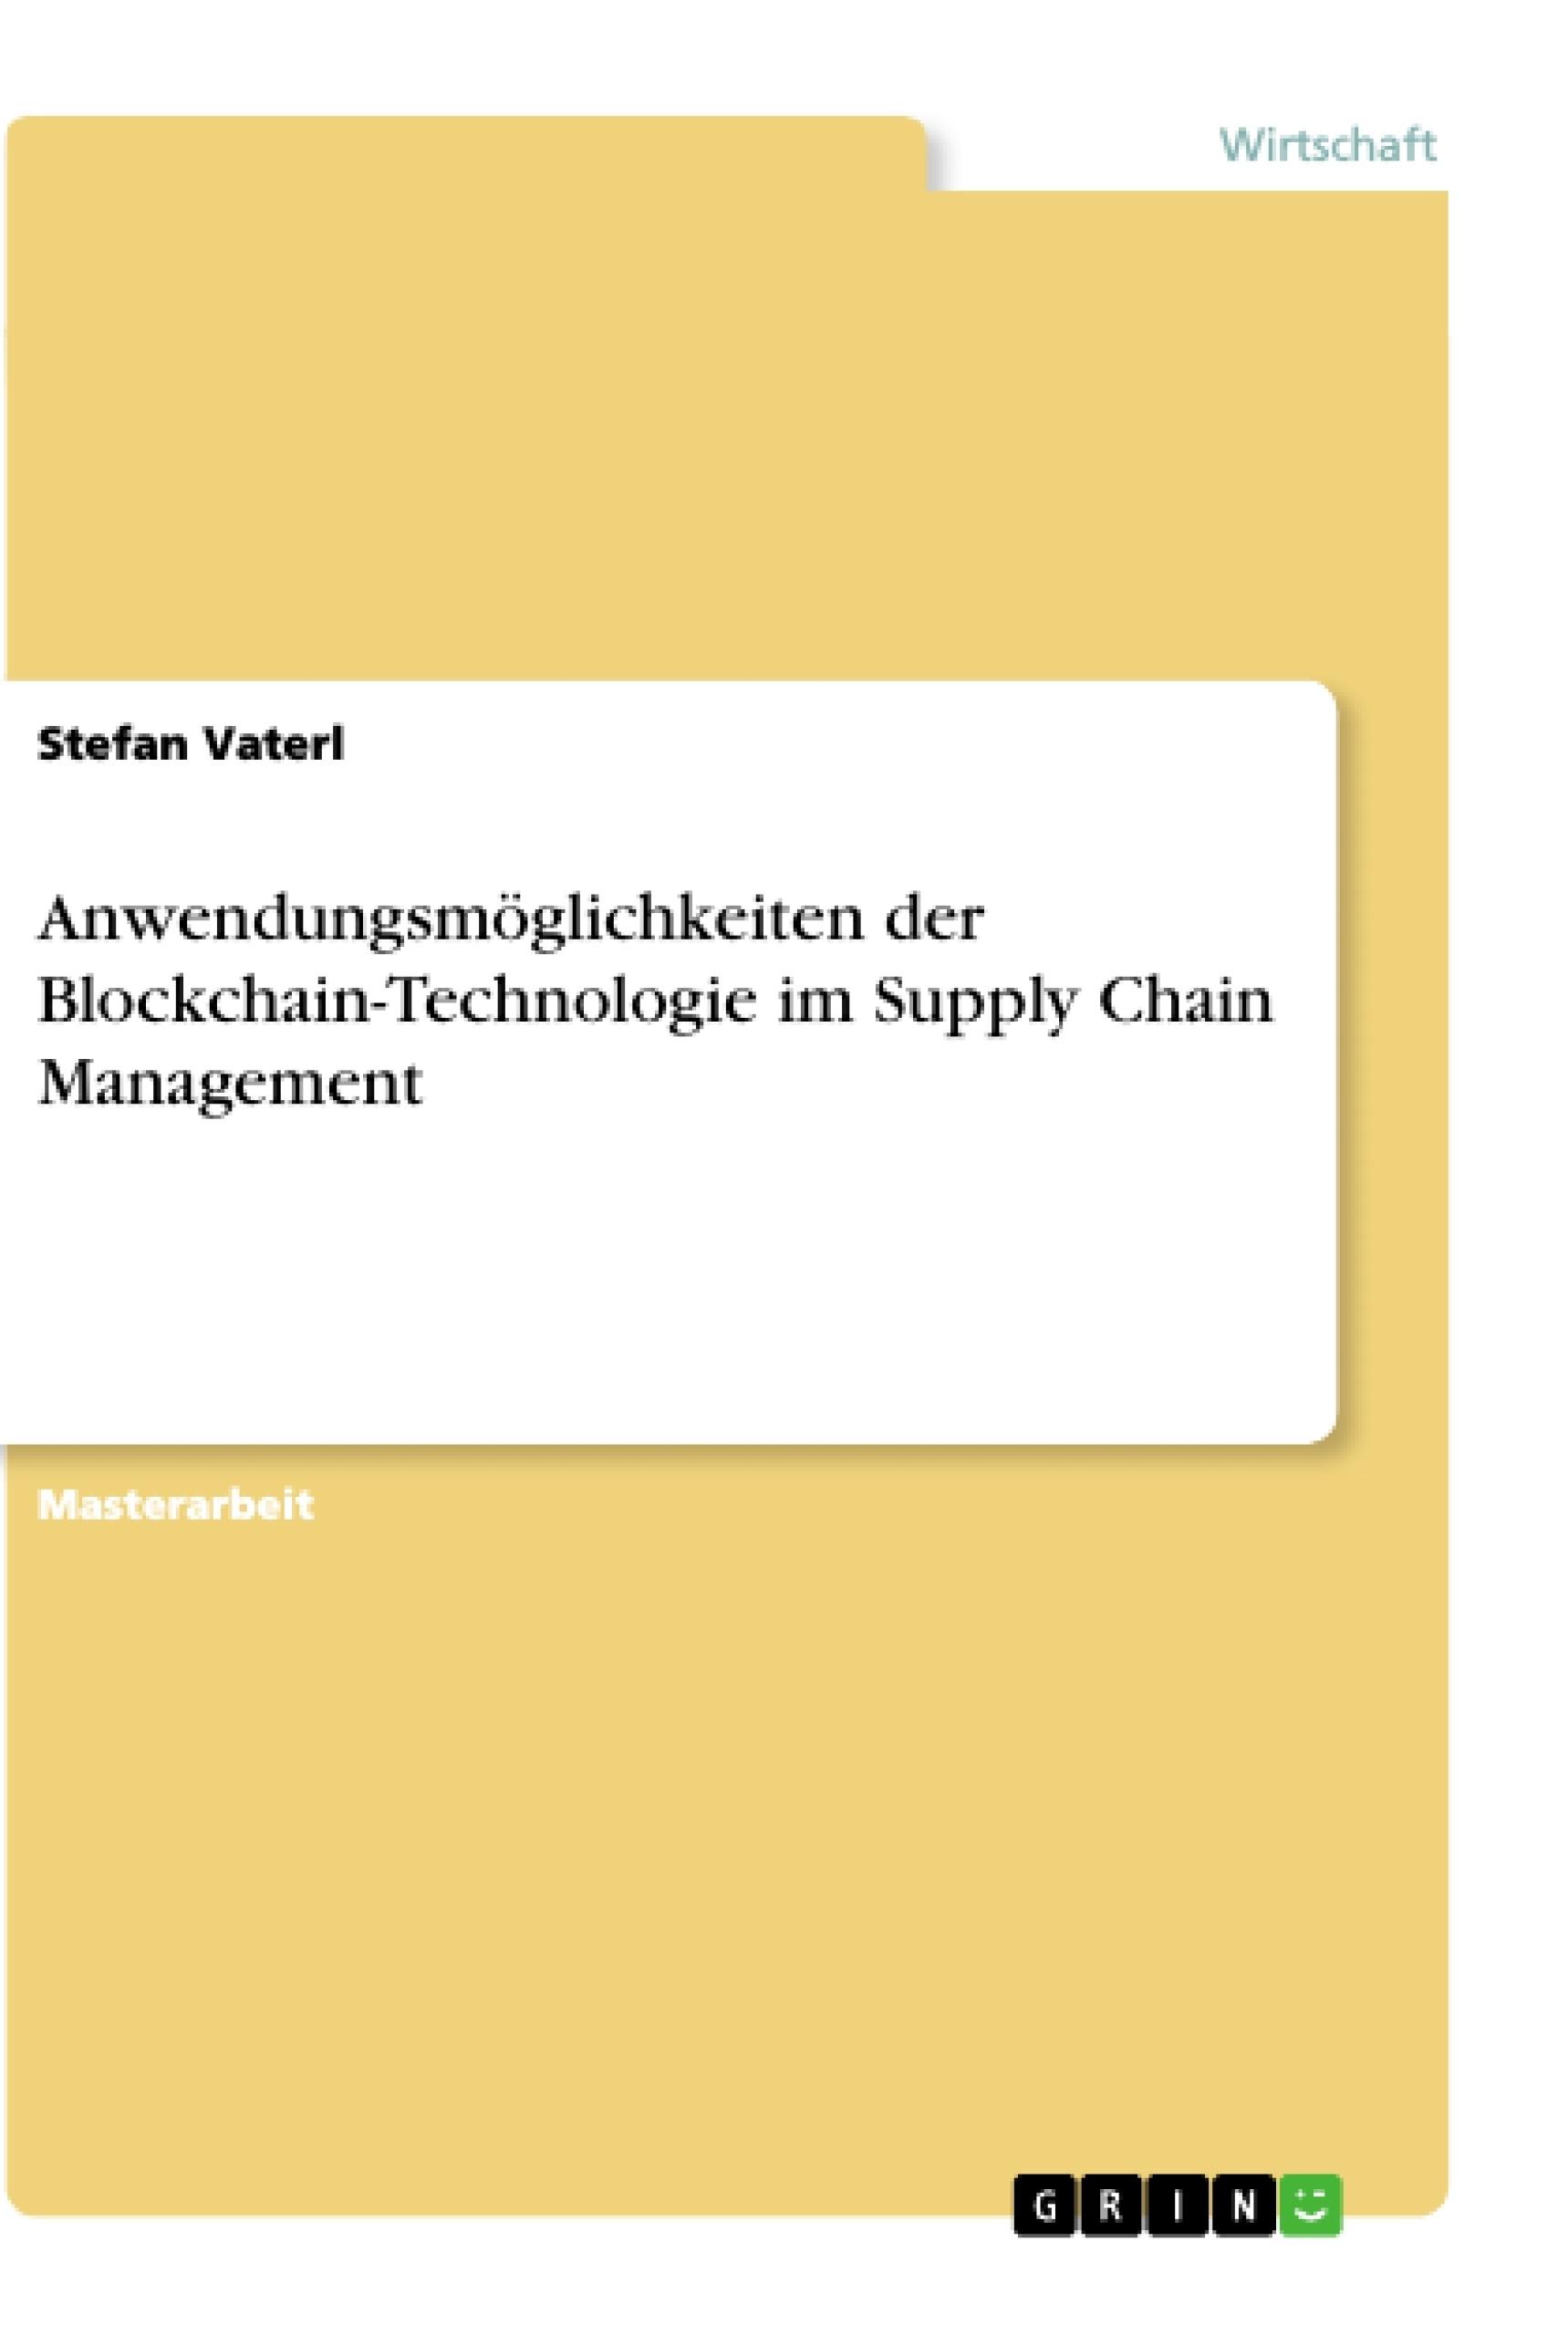 Titel: Anwendungsmöglichkeiten der Blockchain-Technologie im Supply Chain Management